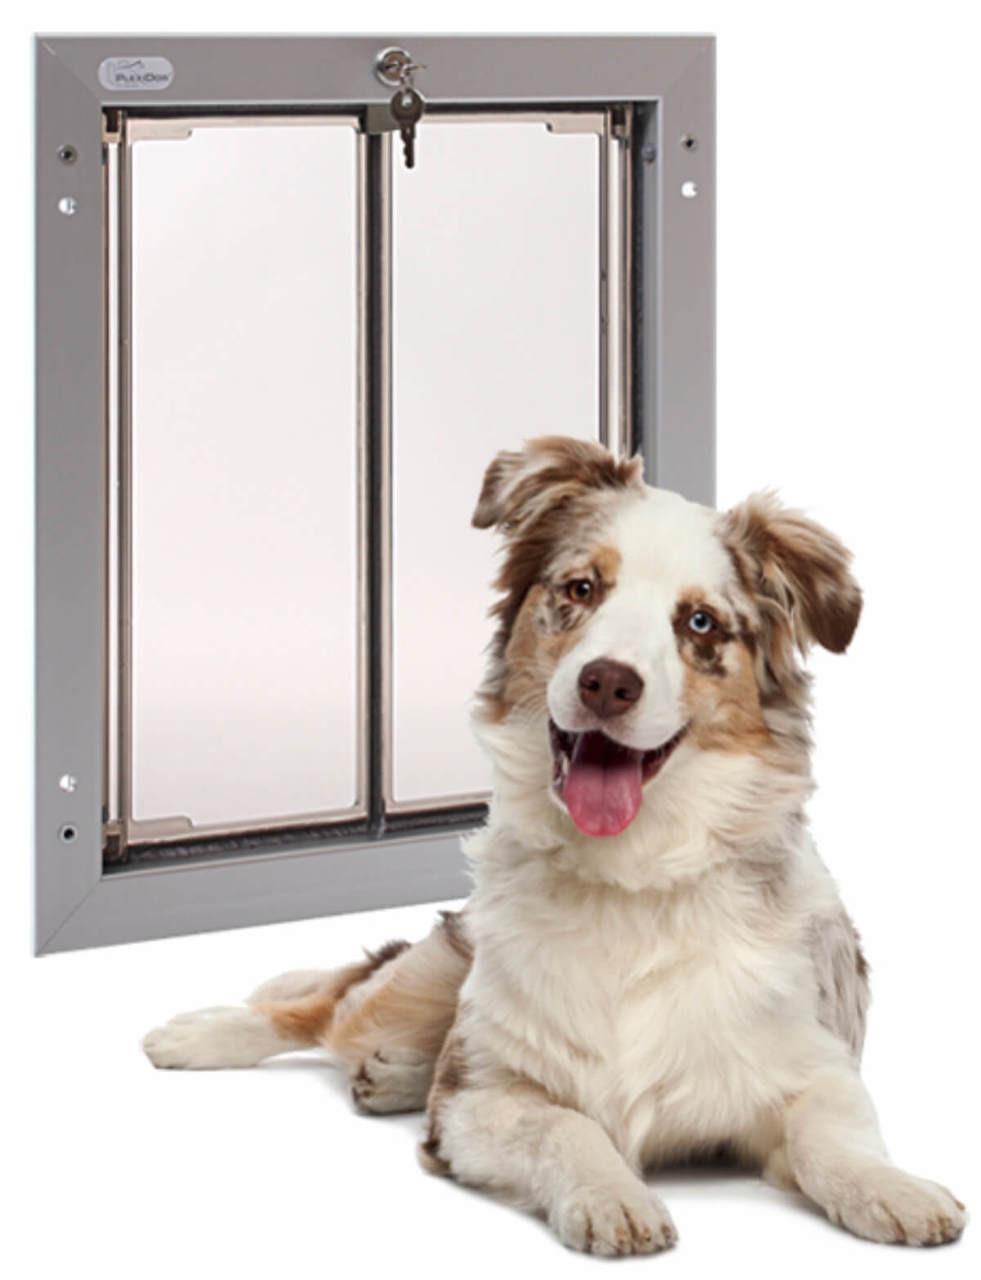 PlexiDor Wall dog door is our pick for the best looking pet door